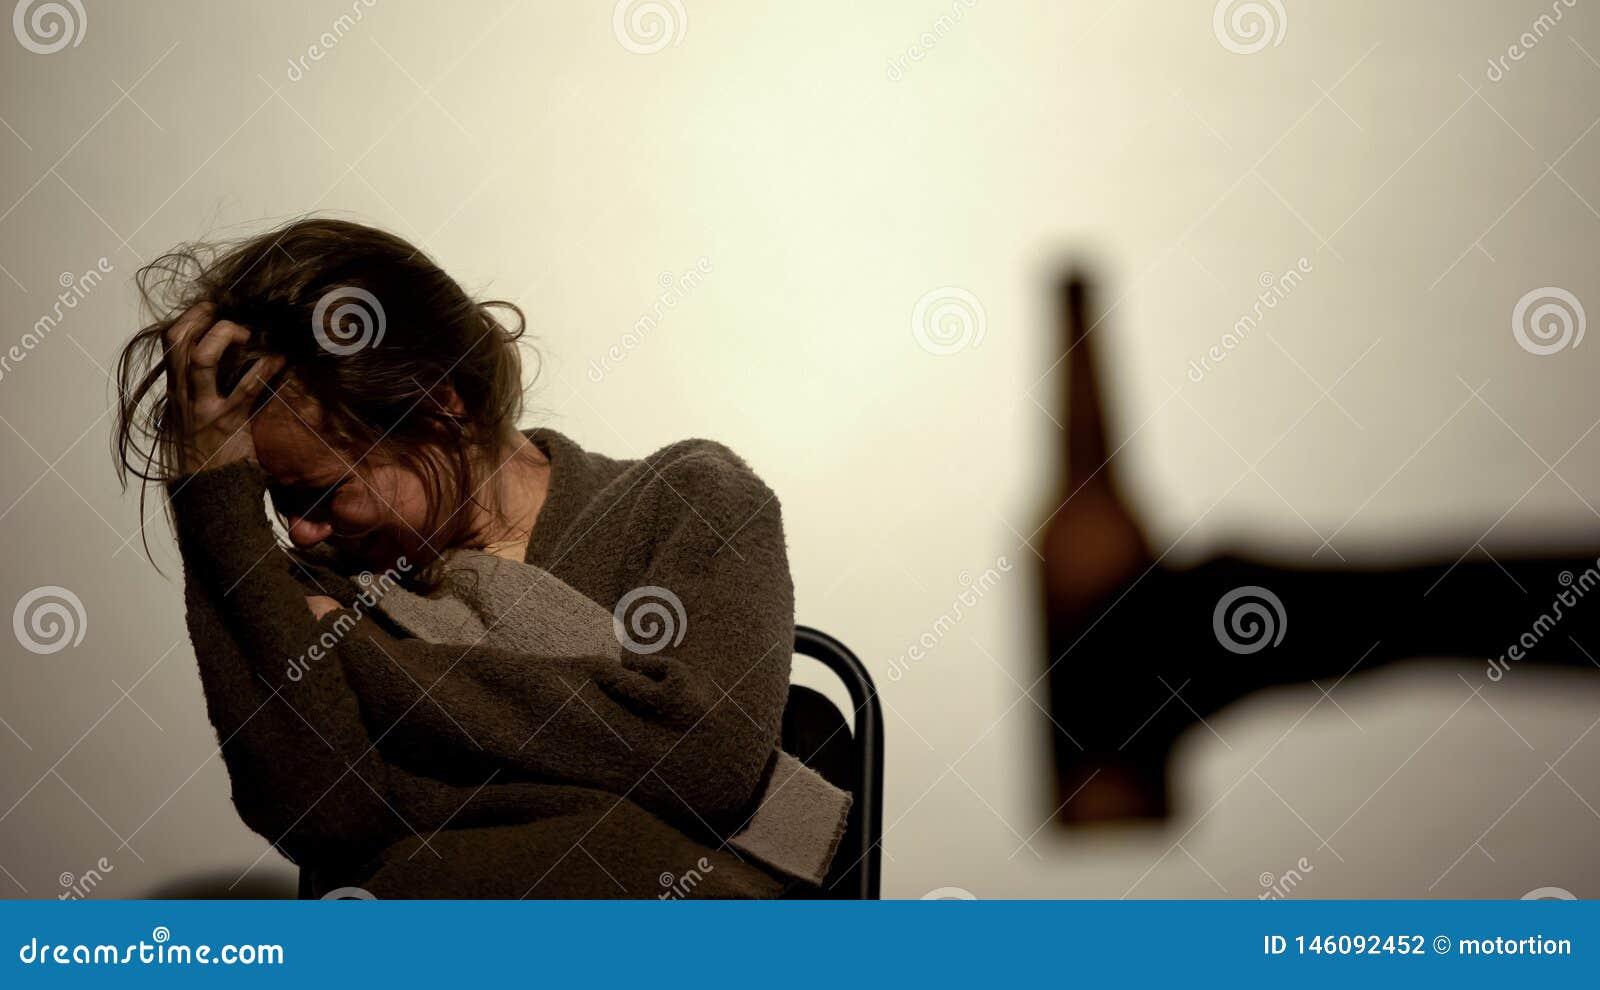 Handvisningflaska med den hemfallna kvinnan för ölalkohol, rehabilitering, viljekraft